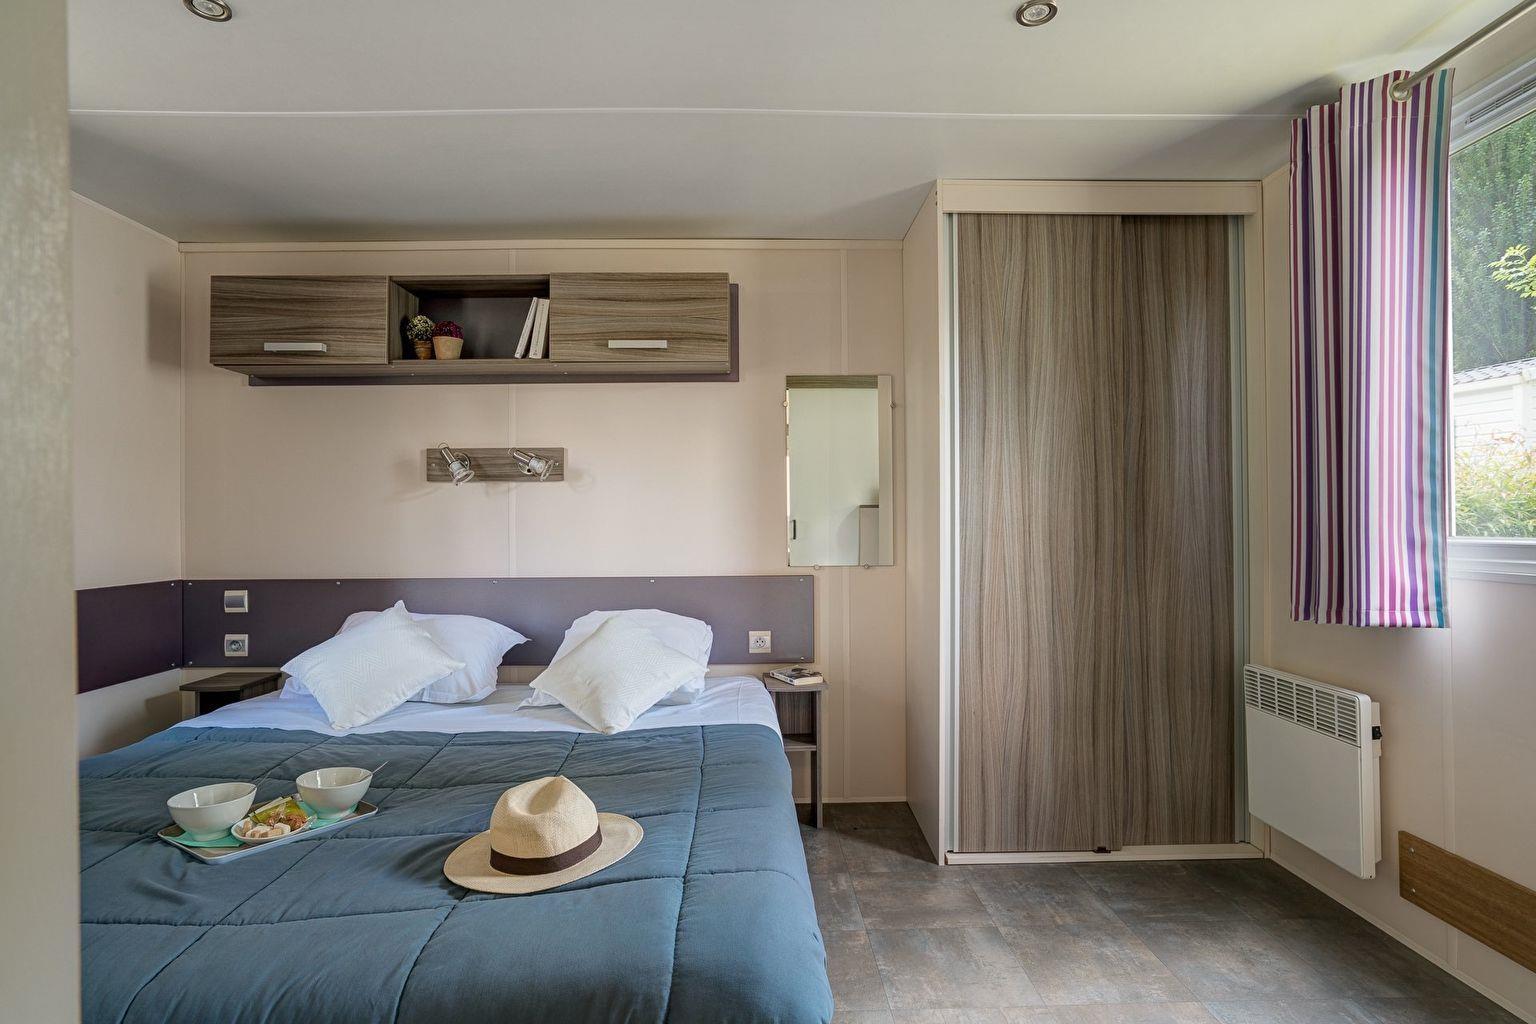 Location - Cottage 2 Chambres ** Adapté Aux Personnes À Mobilité Réduite - Camping Sandaya Paris Maisons-Laffitte